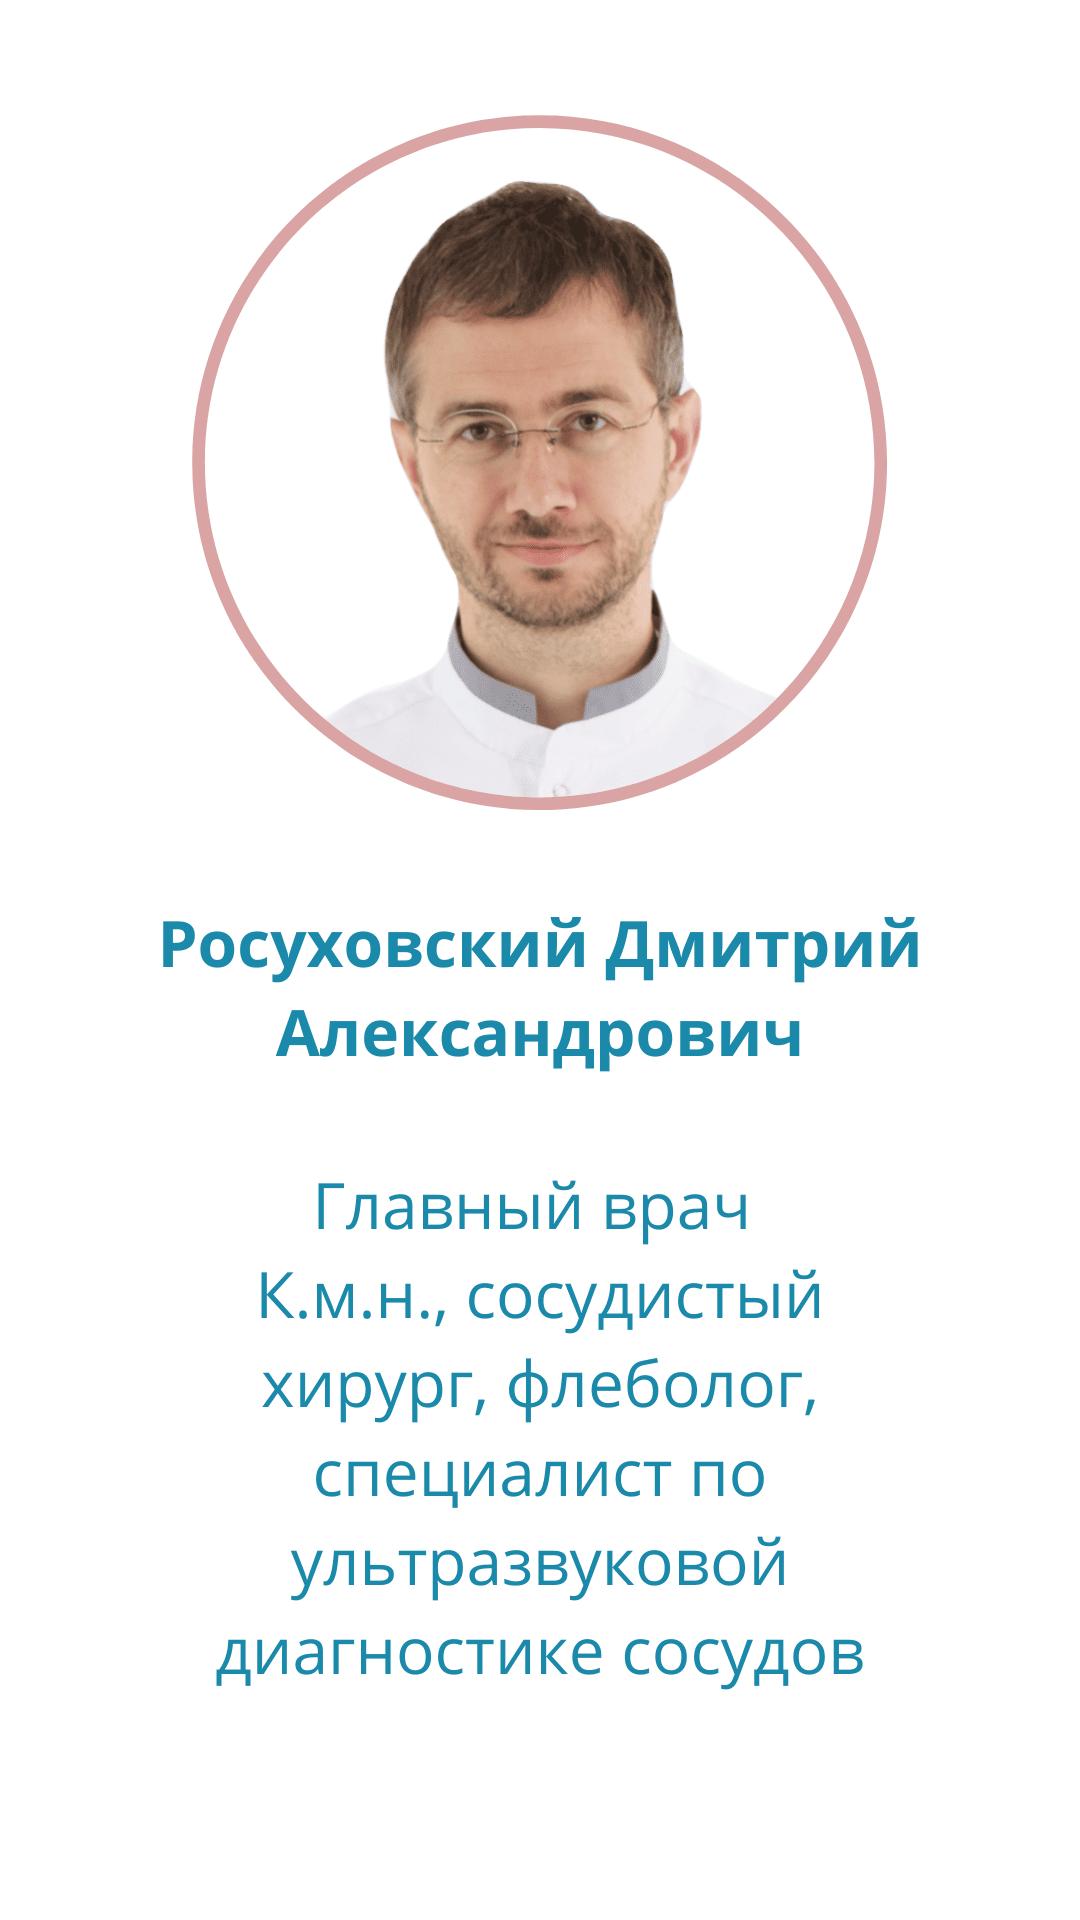 флеболог Росуховский